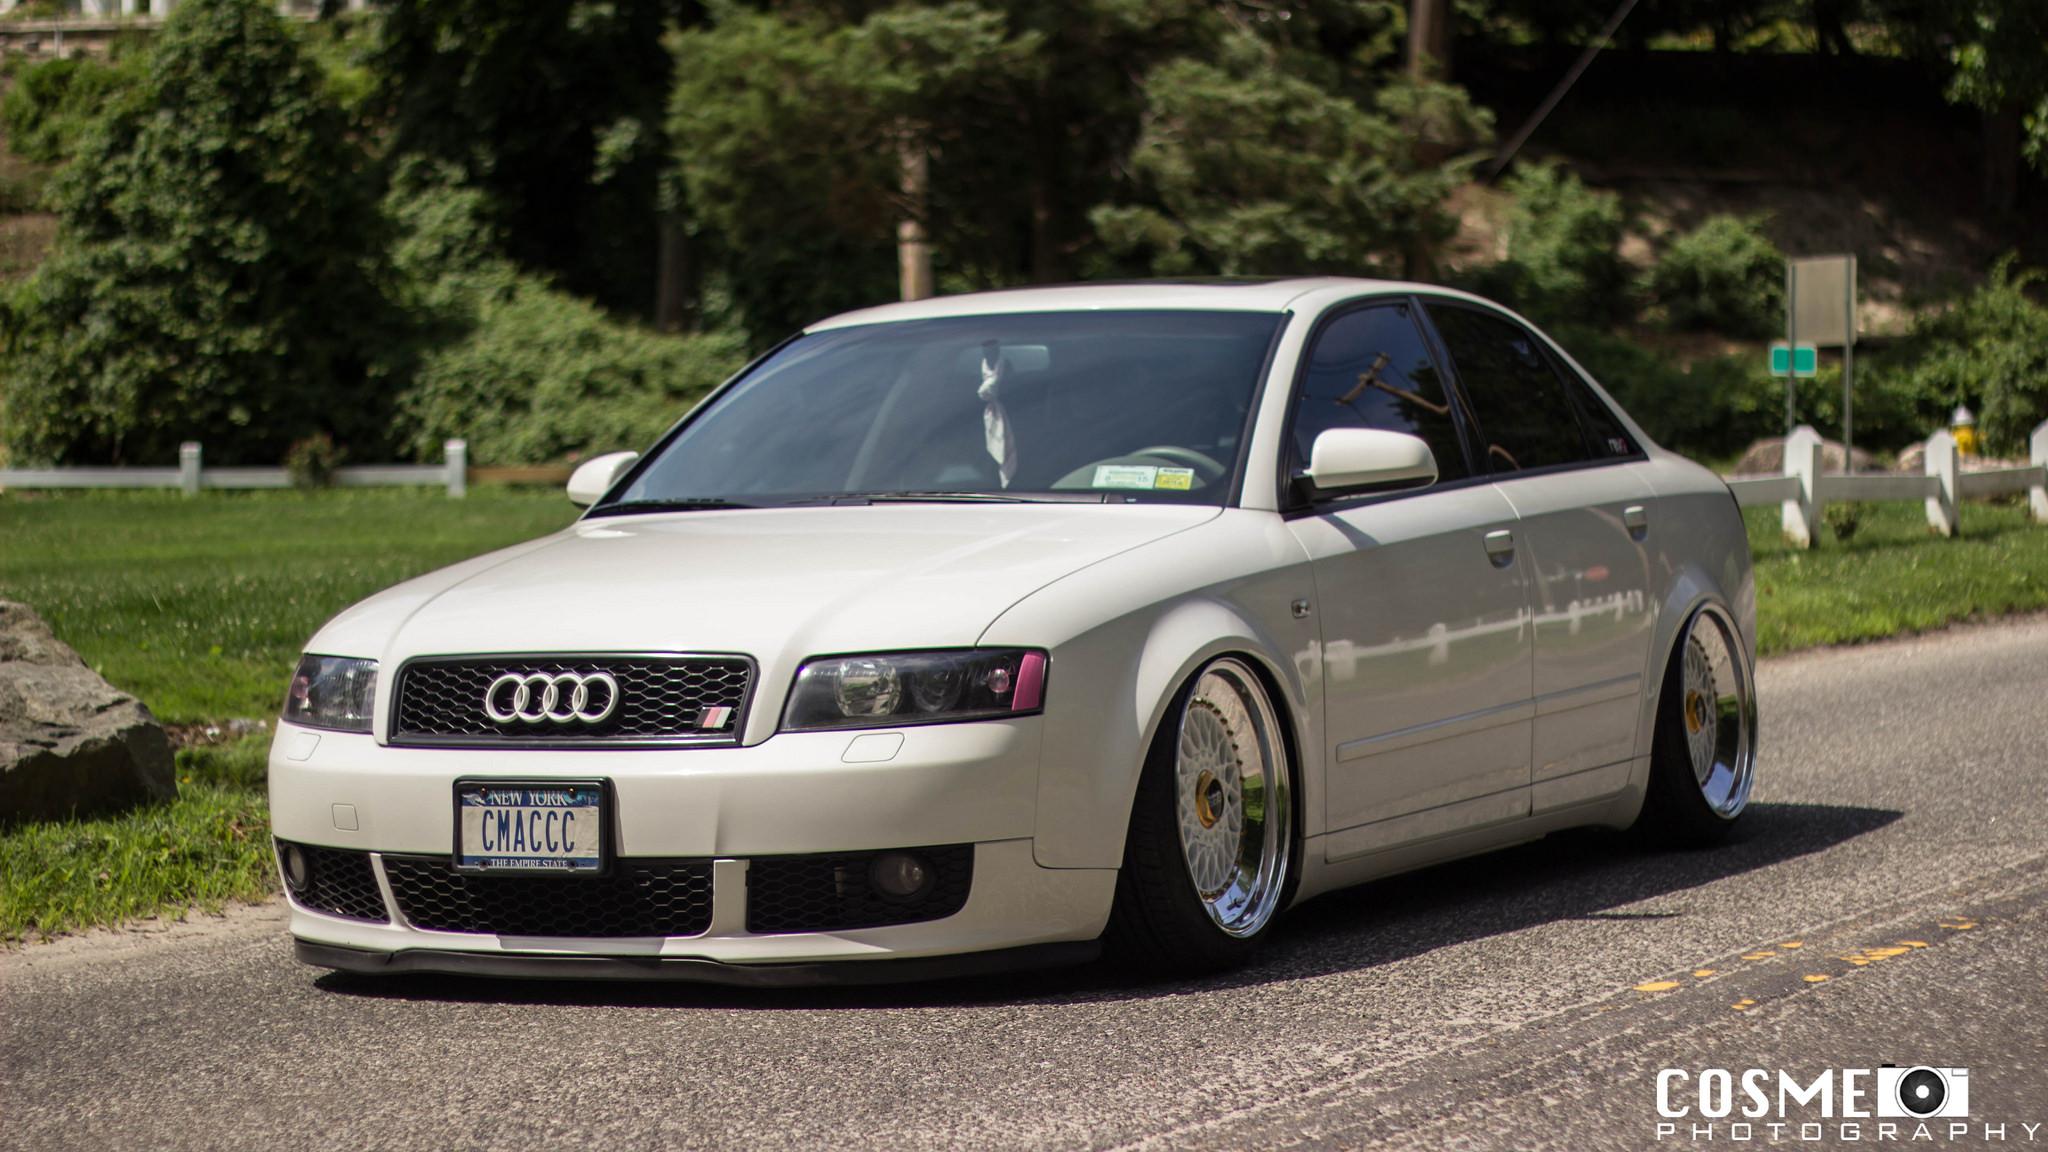 Audi A4 B6 Tuning 5 Tuning